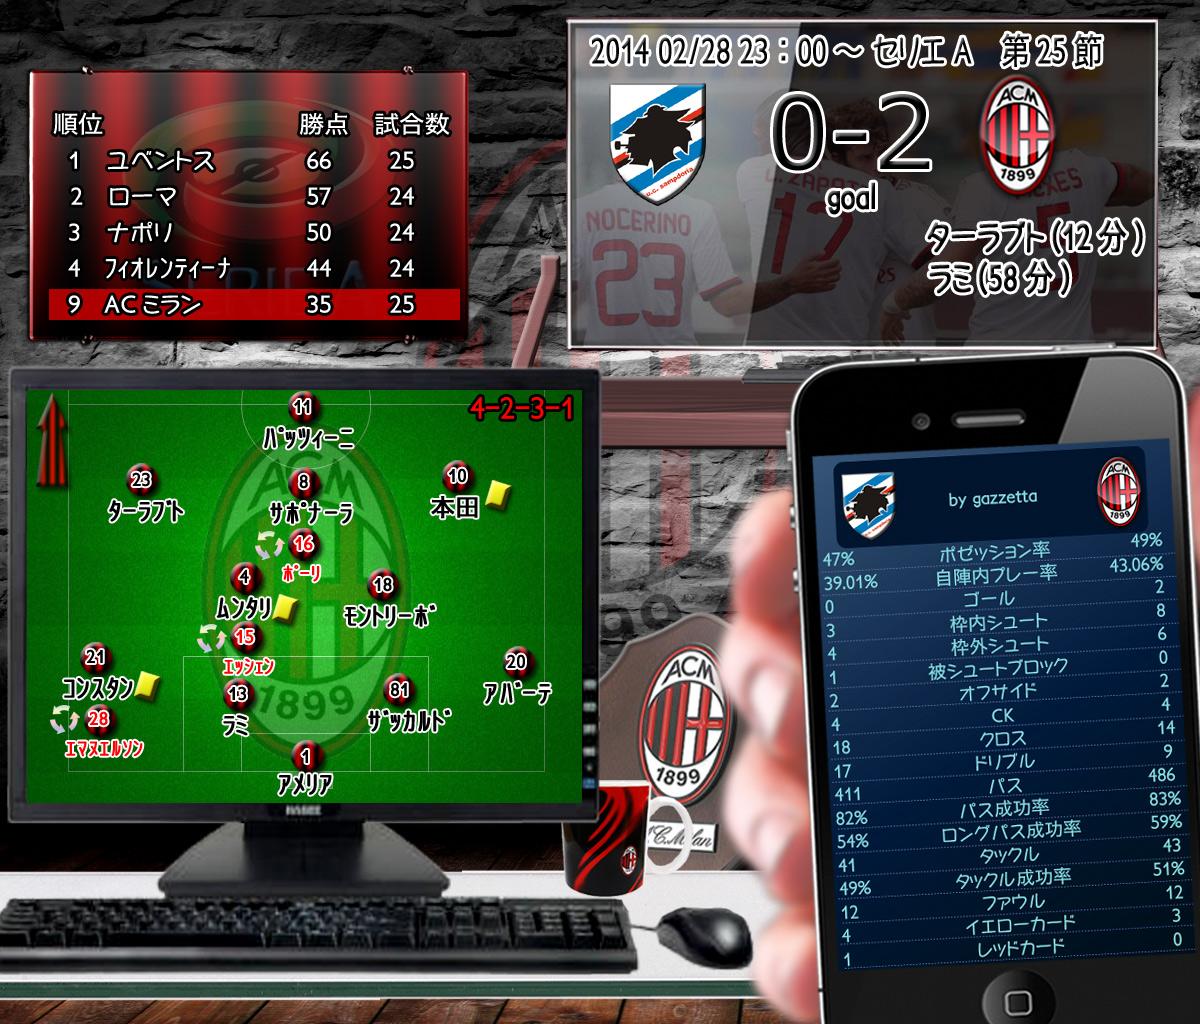 13-14_sampdoria-milan4.jpg